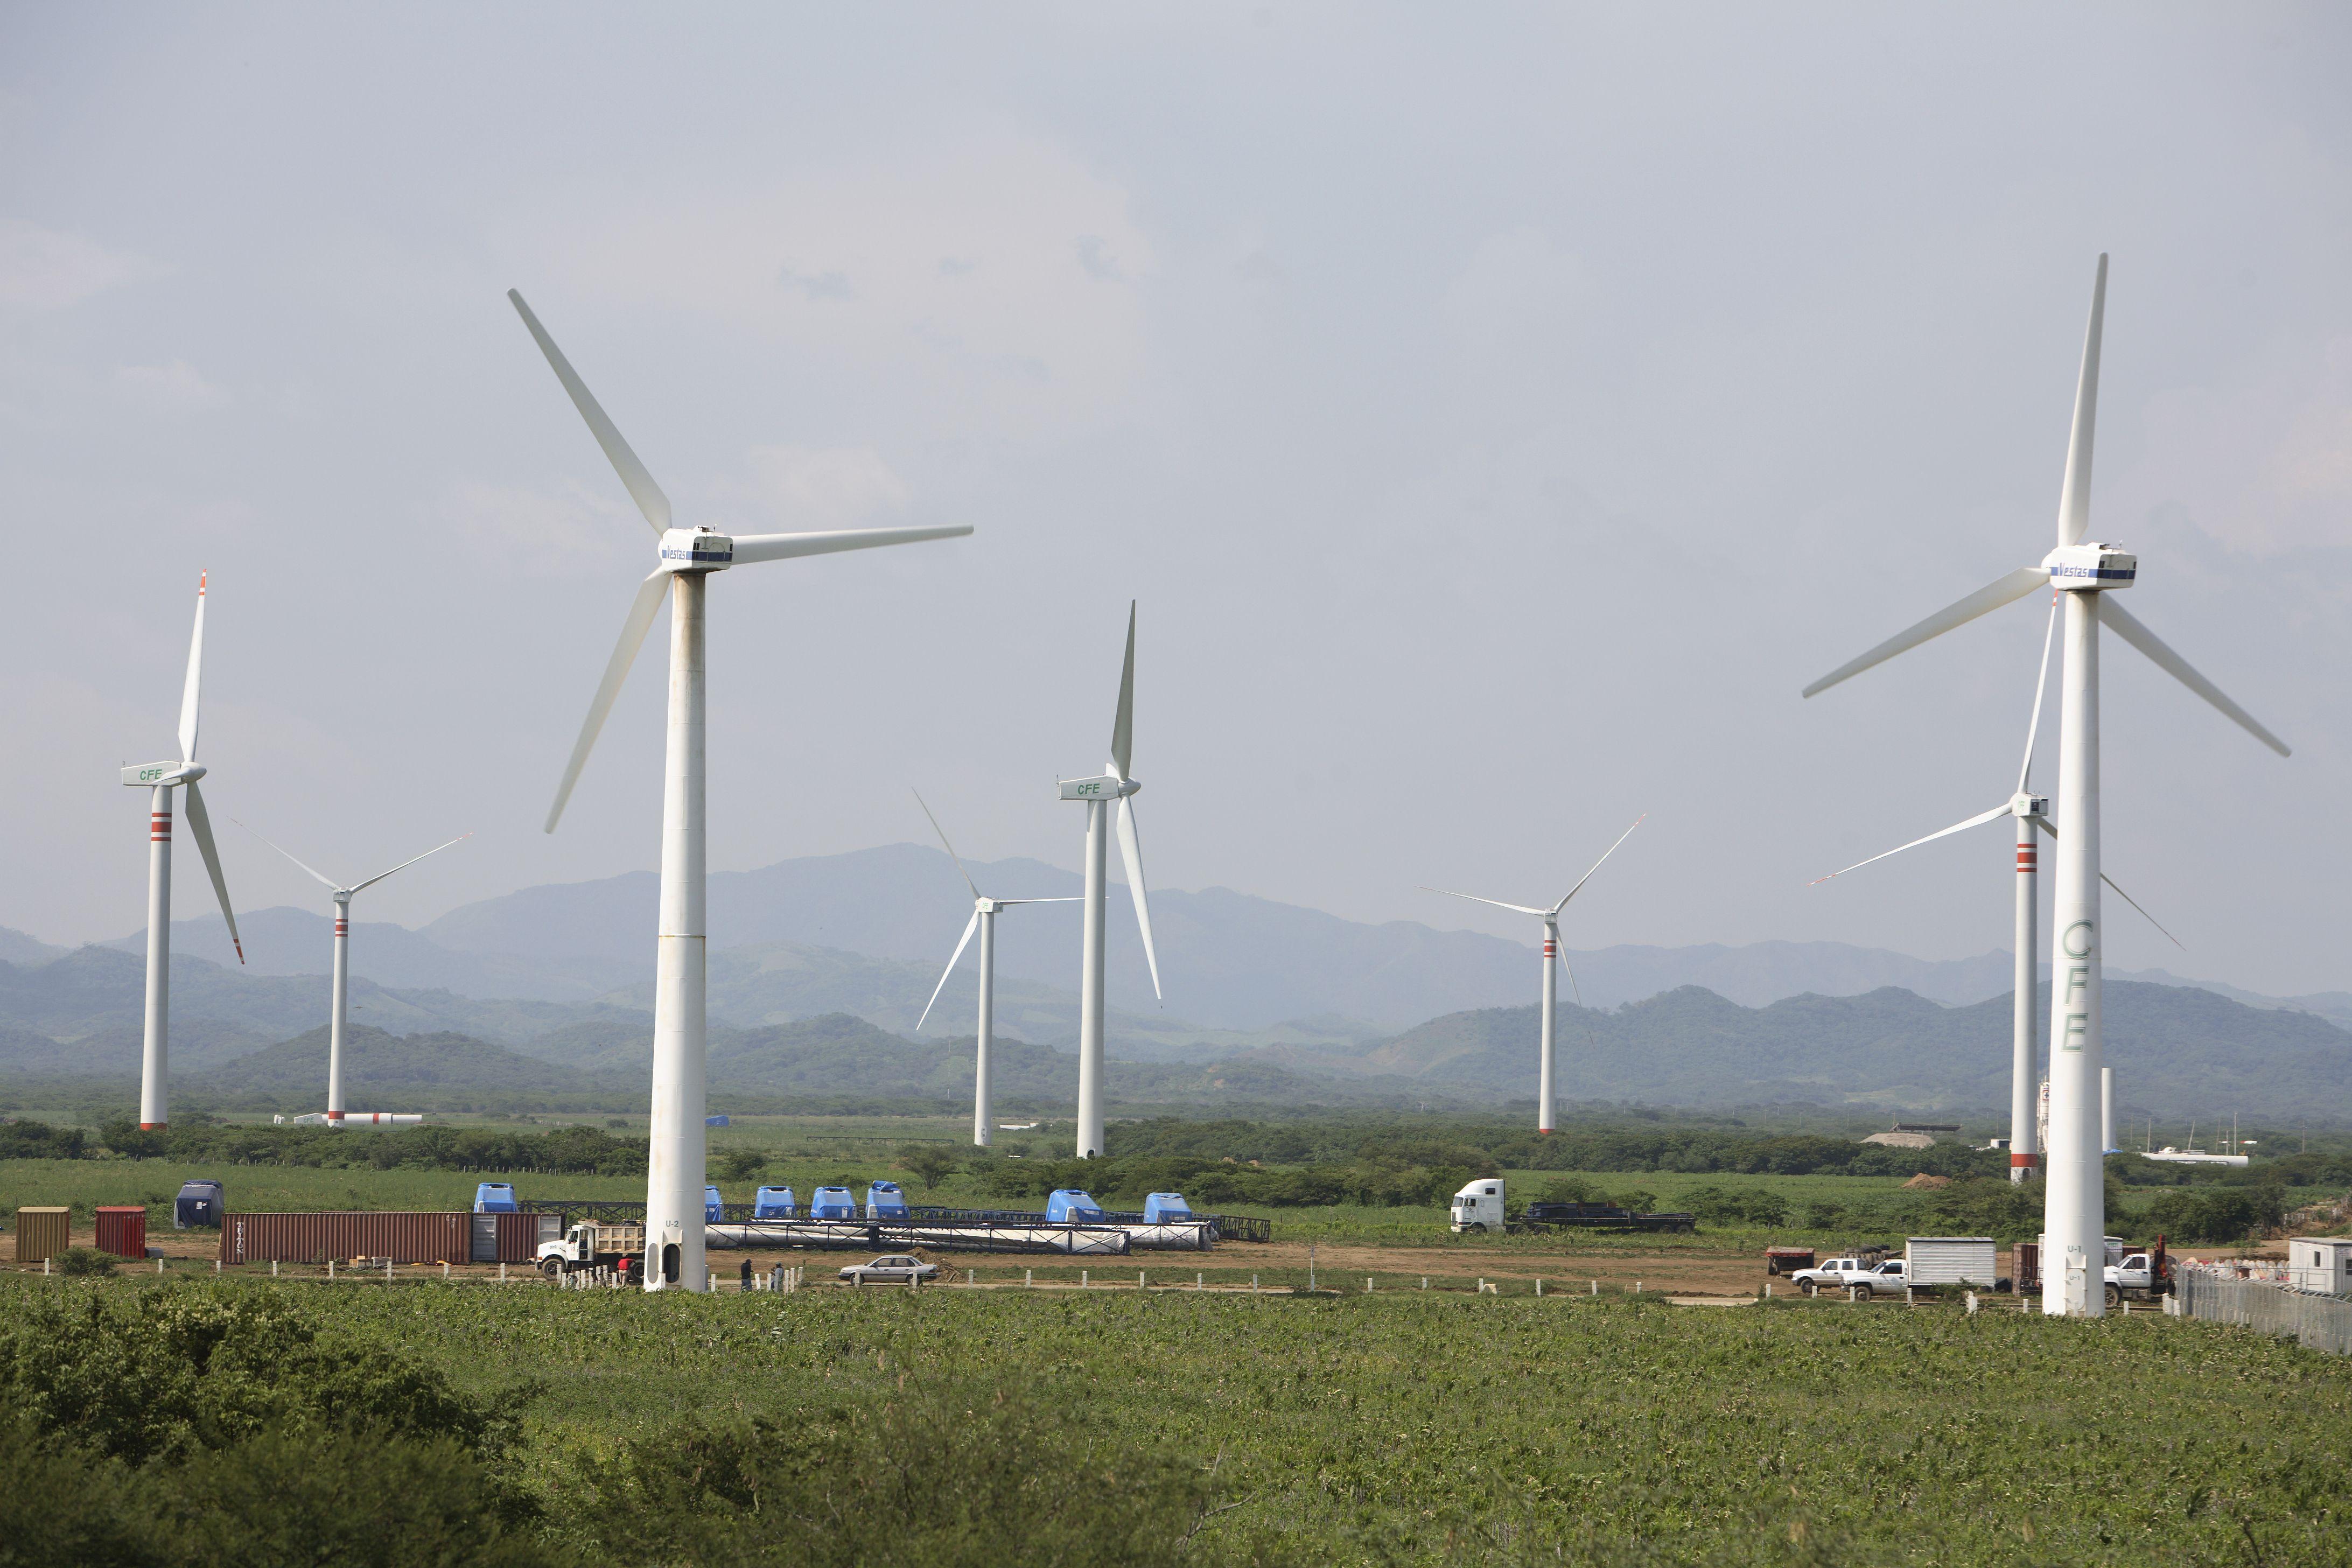 Las energías renovables contribuyen al desarrollo de las comunidades de Oaxaca